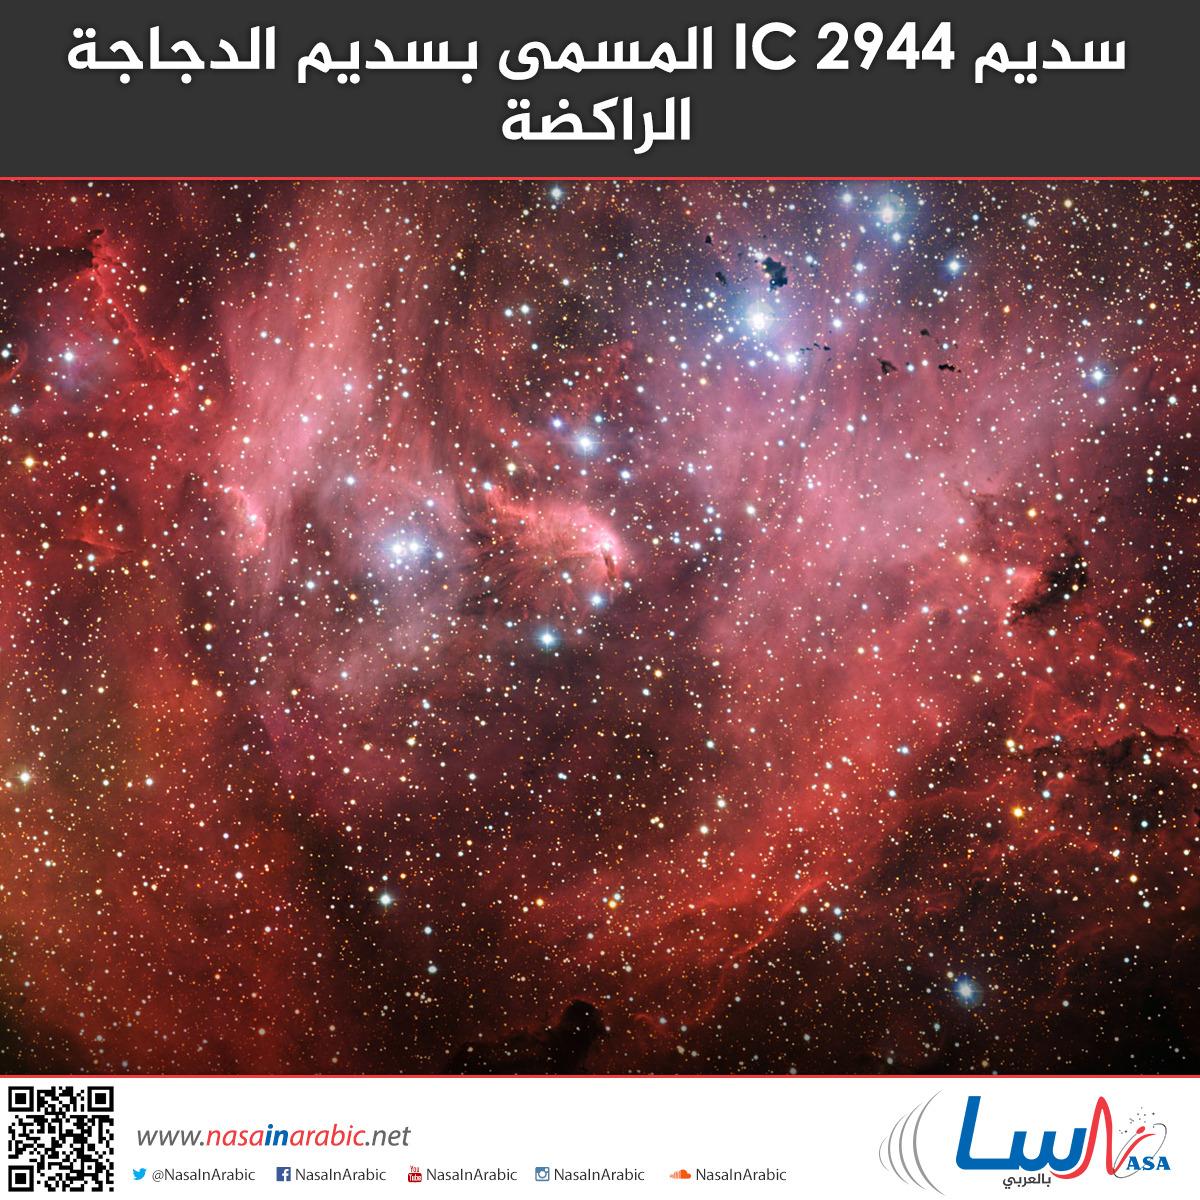 سديم IC 2944 المسمى بسديم الدجاجة الراكضة